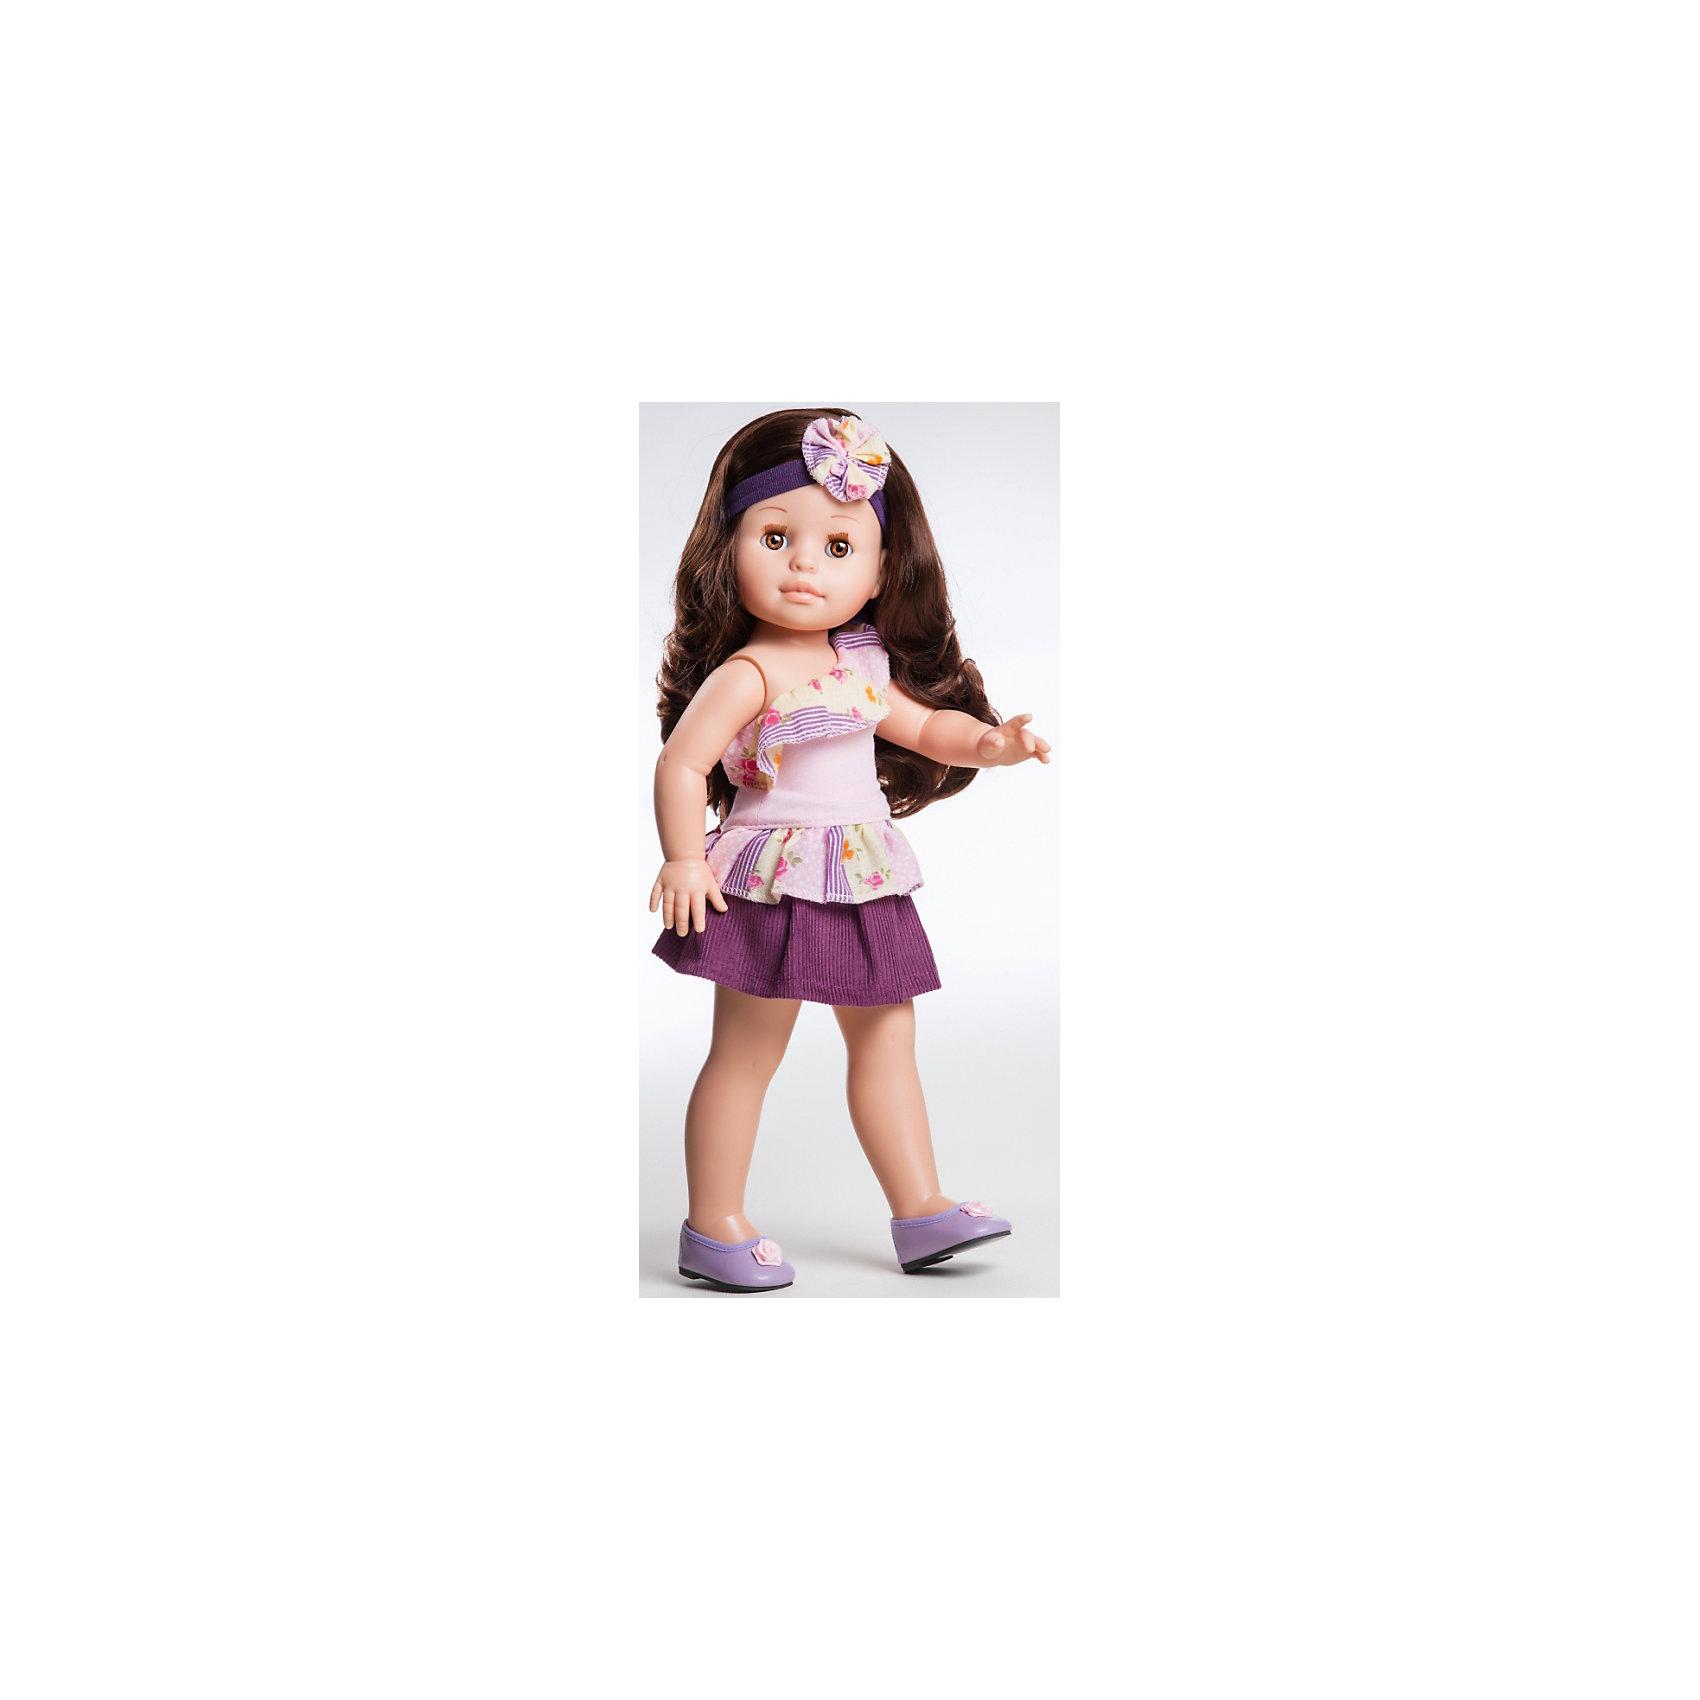 цена Paola Reina Кукла Эмили, 42 см, Paola Reina онлайн в 2017 году